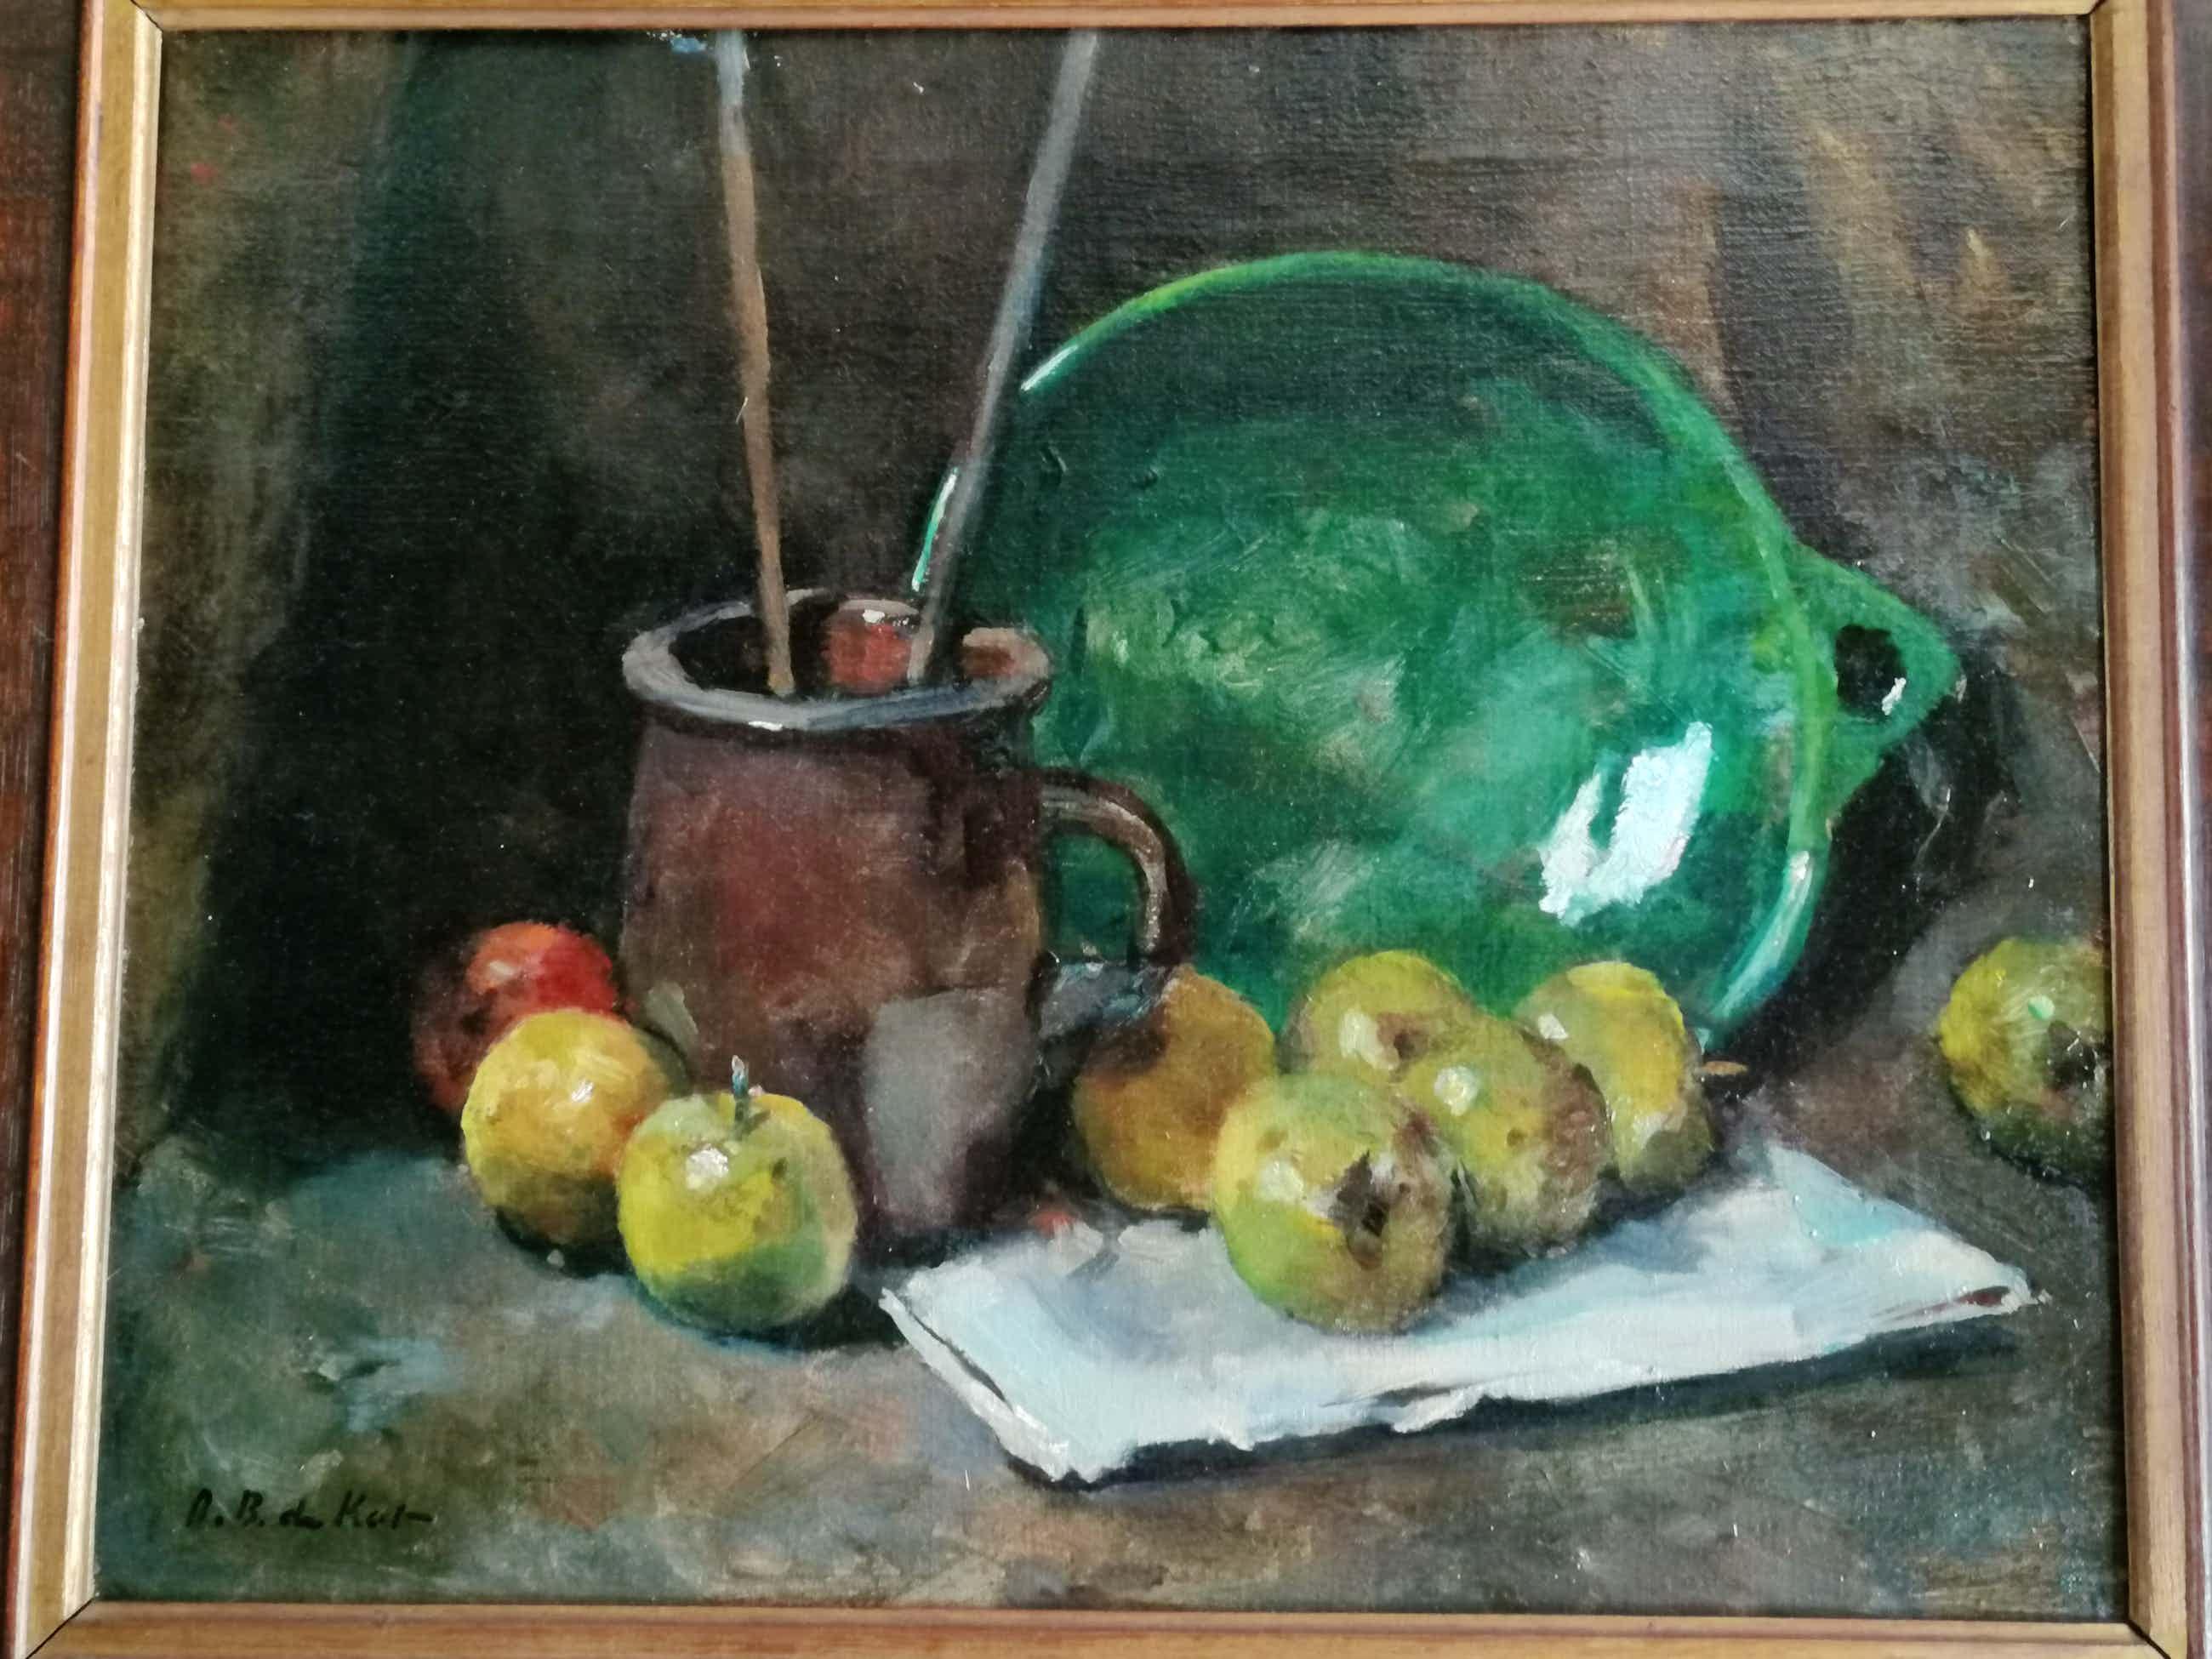 Otto B. de Kat - Stilleven met appels, bruine kan en groene schaal kopen? Bied vanaf 450!